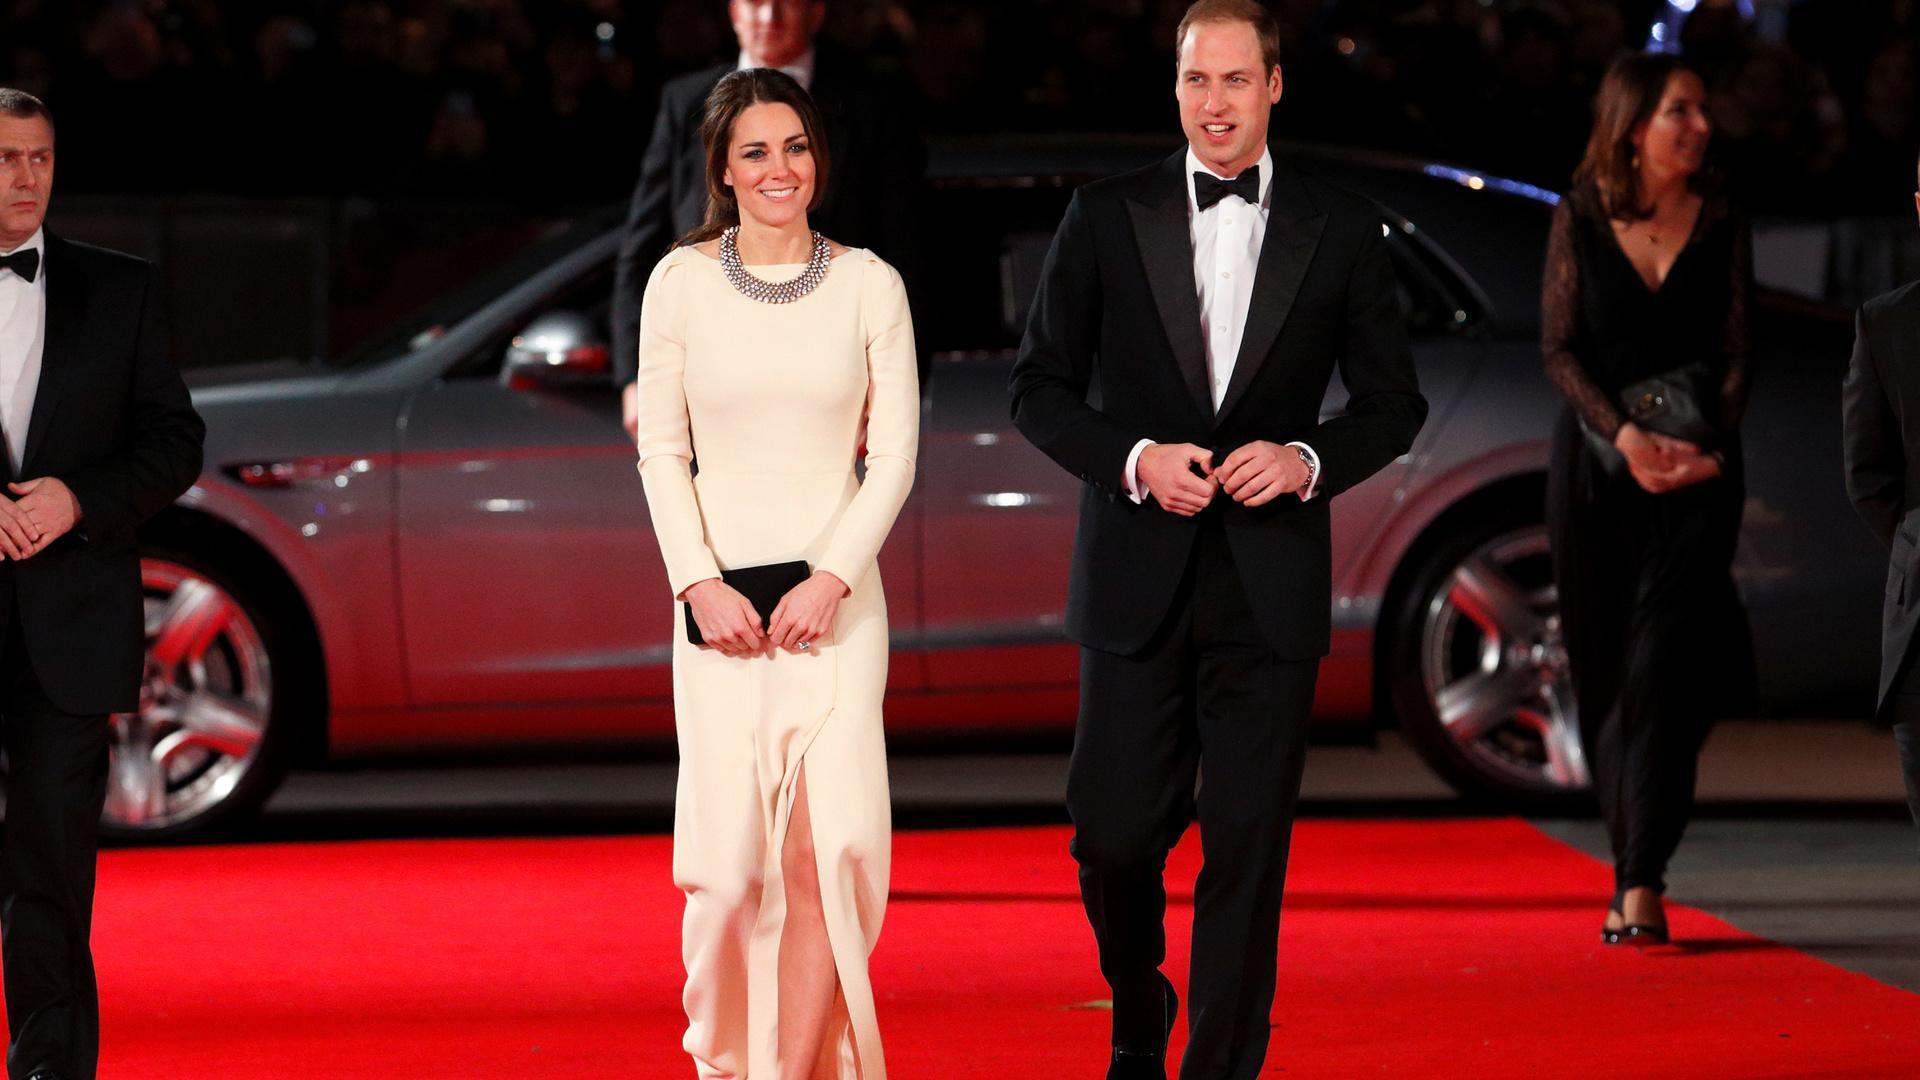 Watch Kate Middleton's Beauty Evolution Unfold